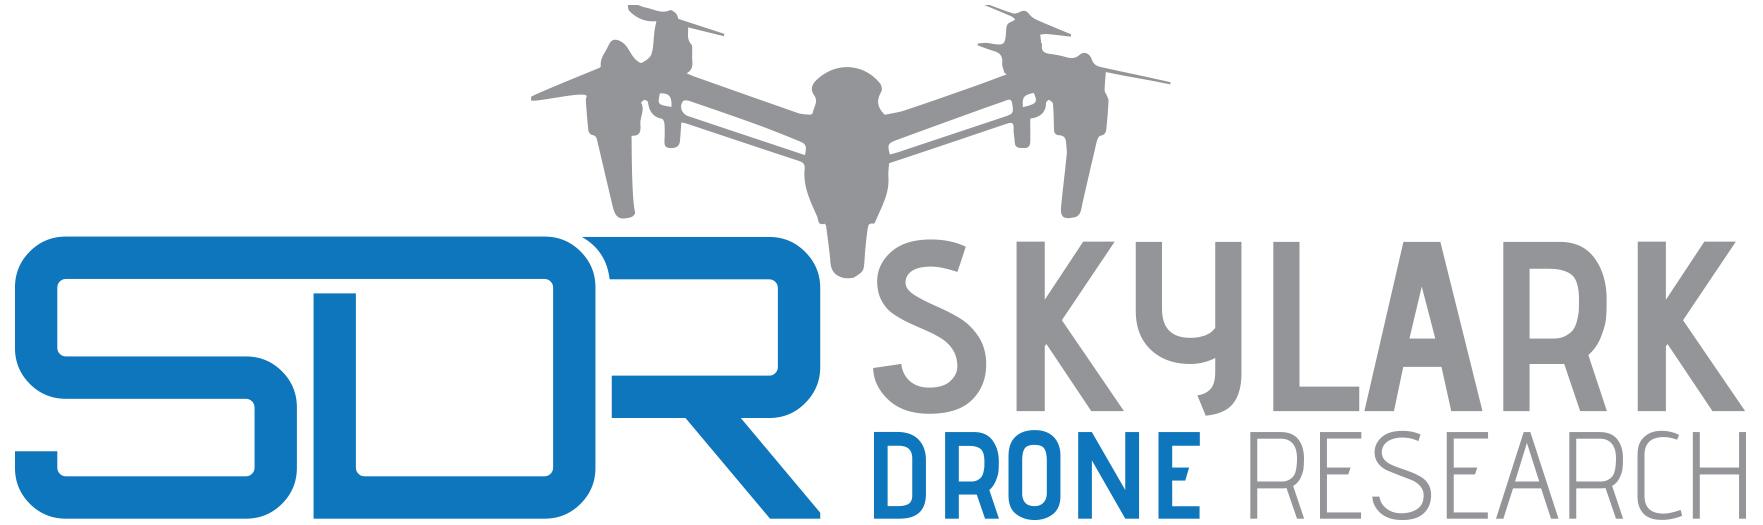 skylark-drone-research